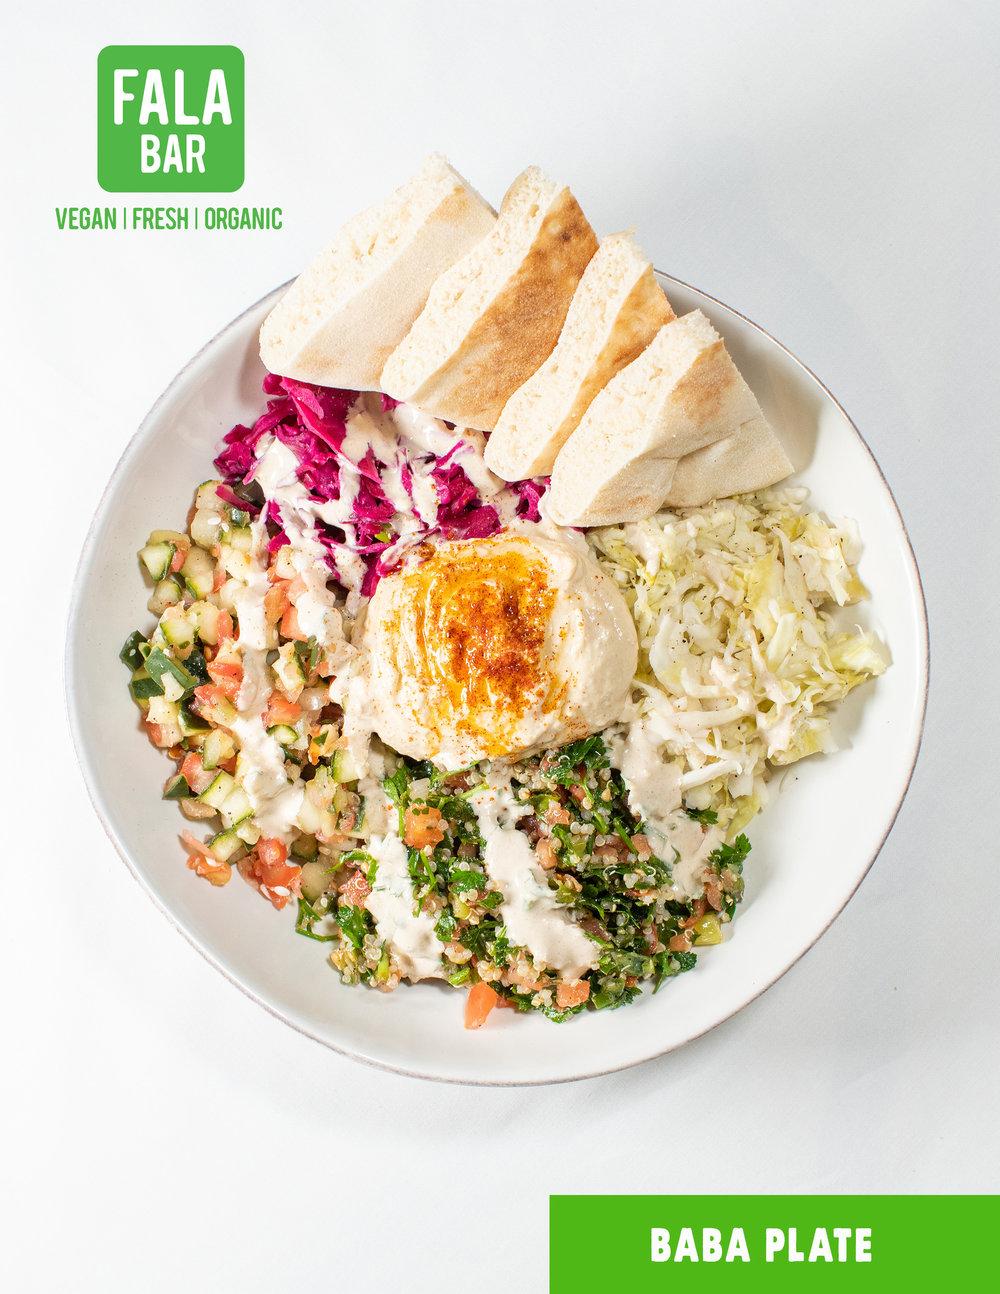 Baba Plate